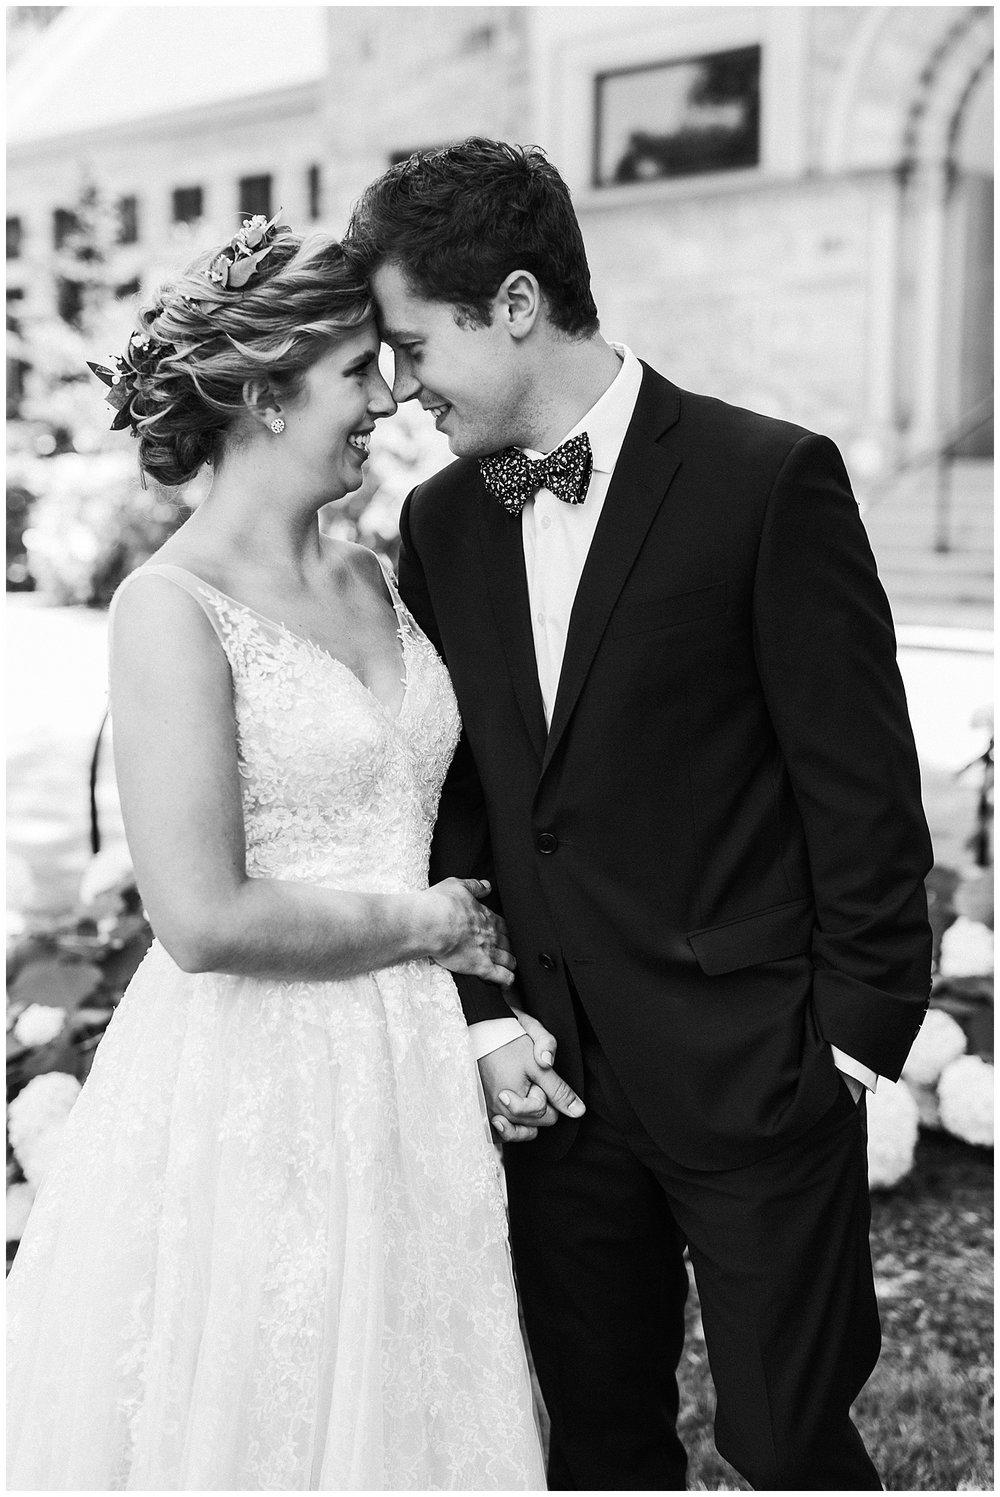 lindybeth photography - sievers wedding - hope college - boatwerks - blog-43.jpg